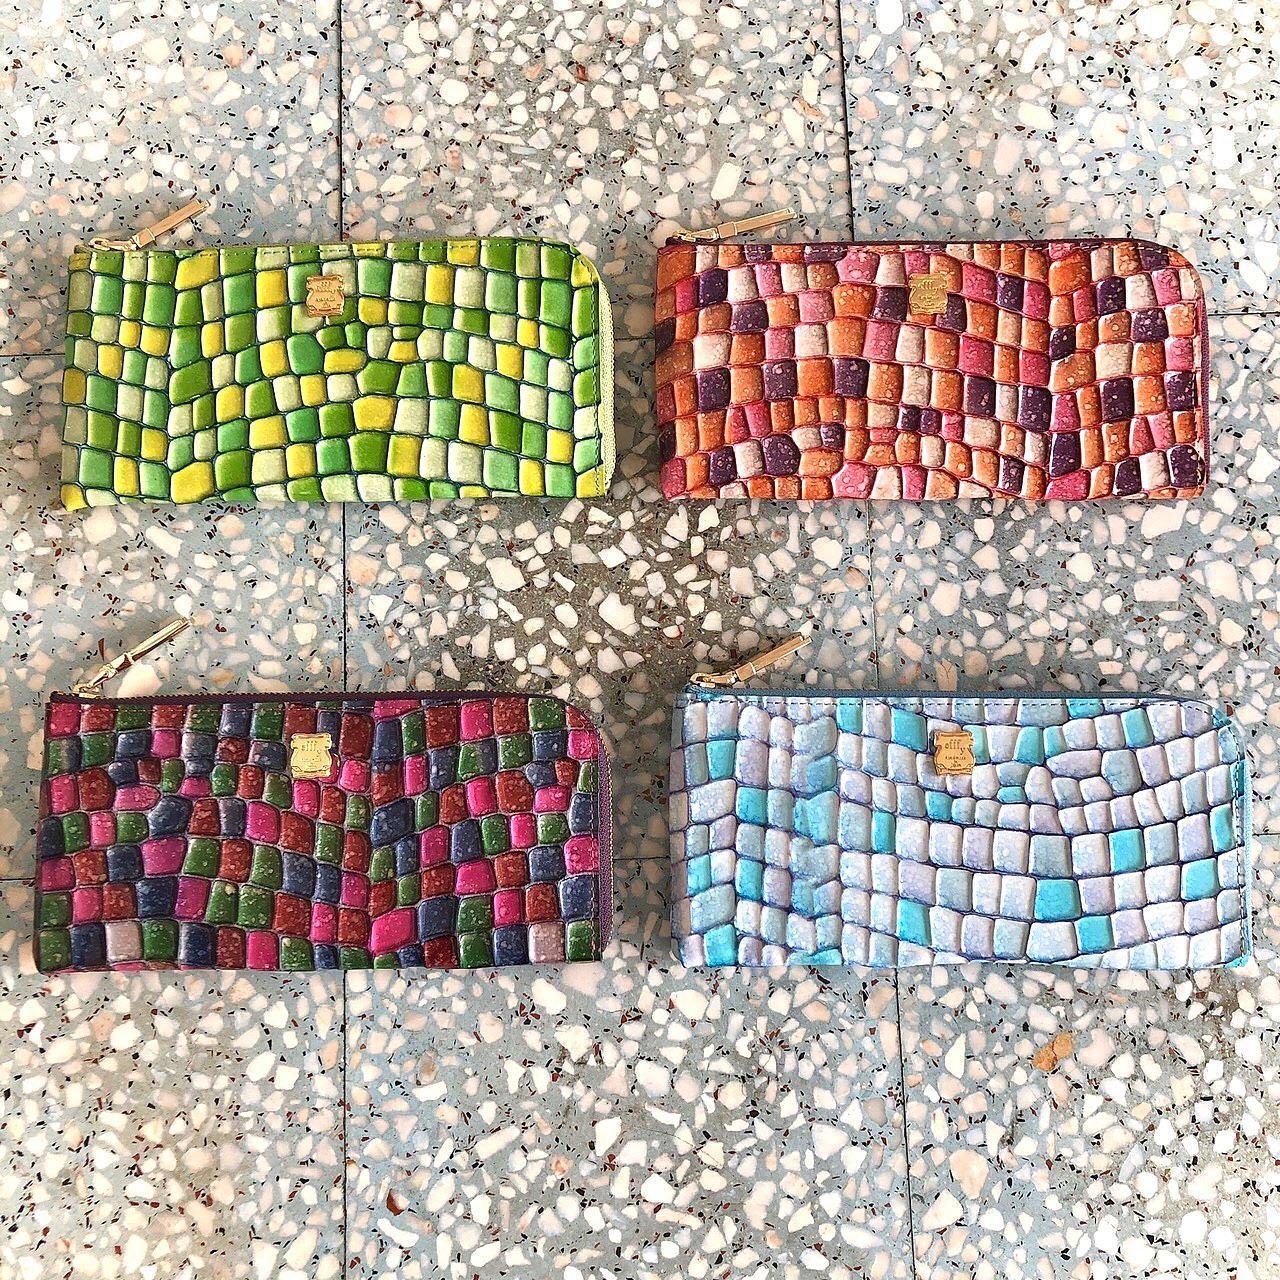 .【efffy】STANDARD COLLECTION 明日、9/2は金運アップの天赦日お財布の新調をご検討の方はこの機会に如何でしょうか?本日はそんな天赦日にオススメのお財布をご紹介致します♪ステンドグラスの様なカラフルで綺麗な型押し財布。イタリア製ならではの発色の良さもポイントです◎〈L字ファスナーロングウォレット〉STYLE No. / IN3-12PRICE / ¥13,000+TAXCOLOR /  PUOR,SABL,PUBL,GEYEMATERIAL / イタリア製エンボス加工エナメル革革#エフィー #efffy #革小物 #革トート #ItalianMaterial #ITALY製シュリンク牛革 #春夏新作バッグ#春夏コーデ#春夏大人バッグ#春夏トートeバッグ #コンビカラーバッグ#バイカラーリュック#オトナのリュック#フリンジバッグ#ショルダーバッグ#ハンドバッグ #コインケース #カードケース #コンパクト財布 #天赦日 #金運アップ